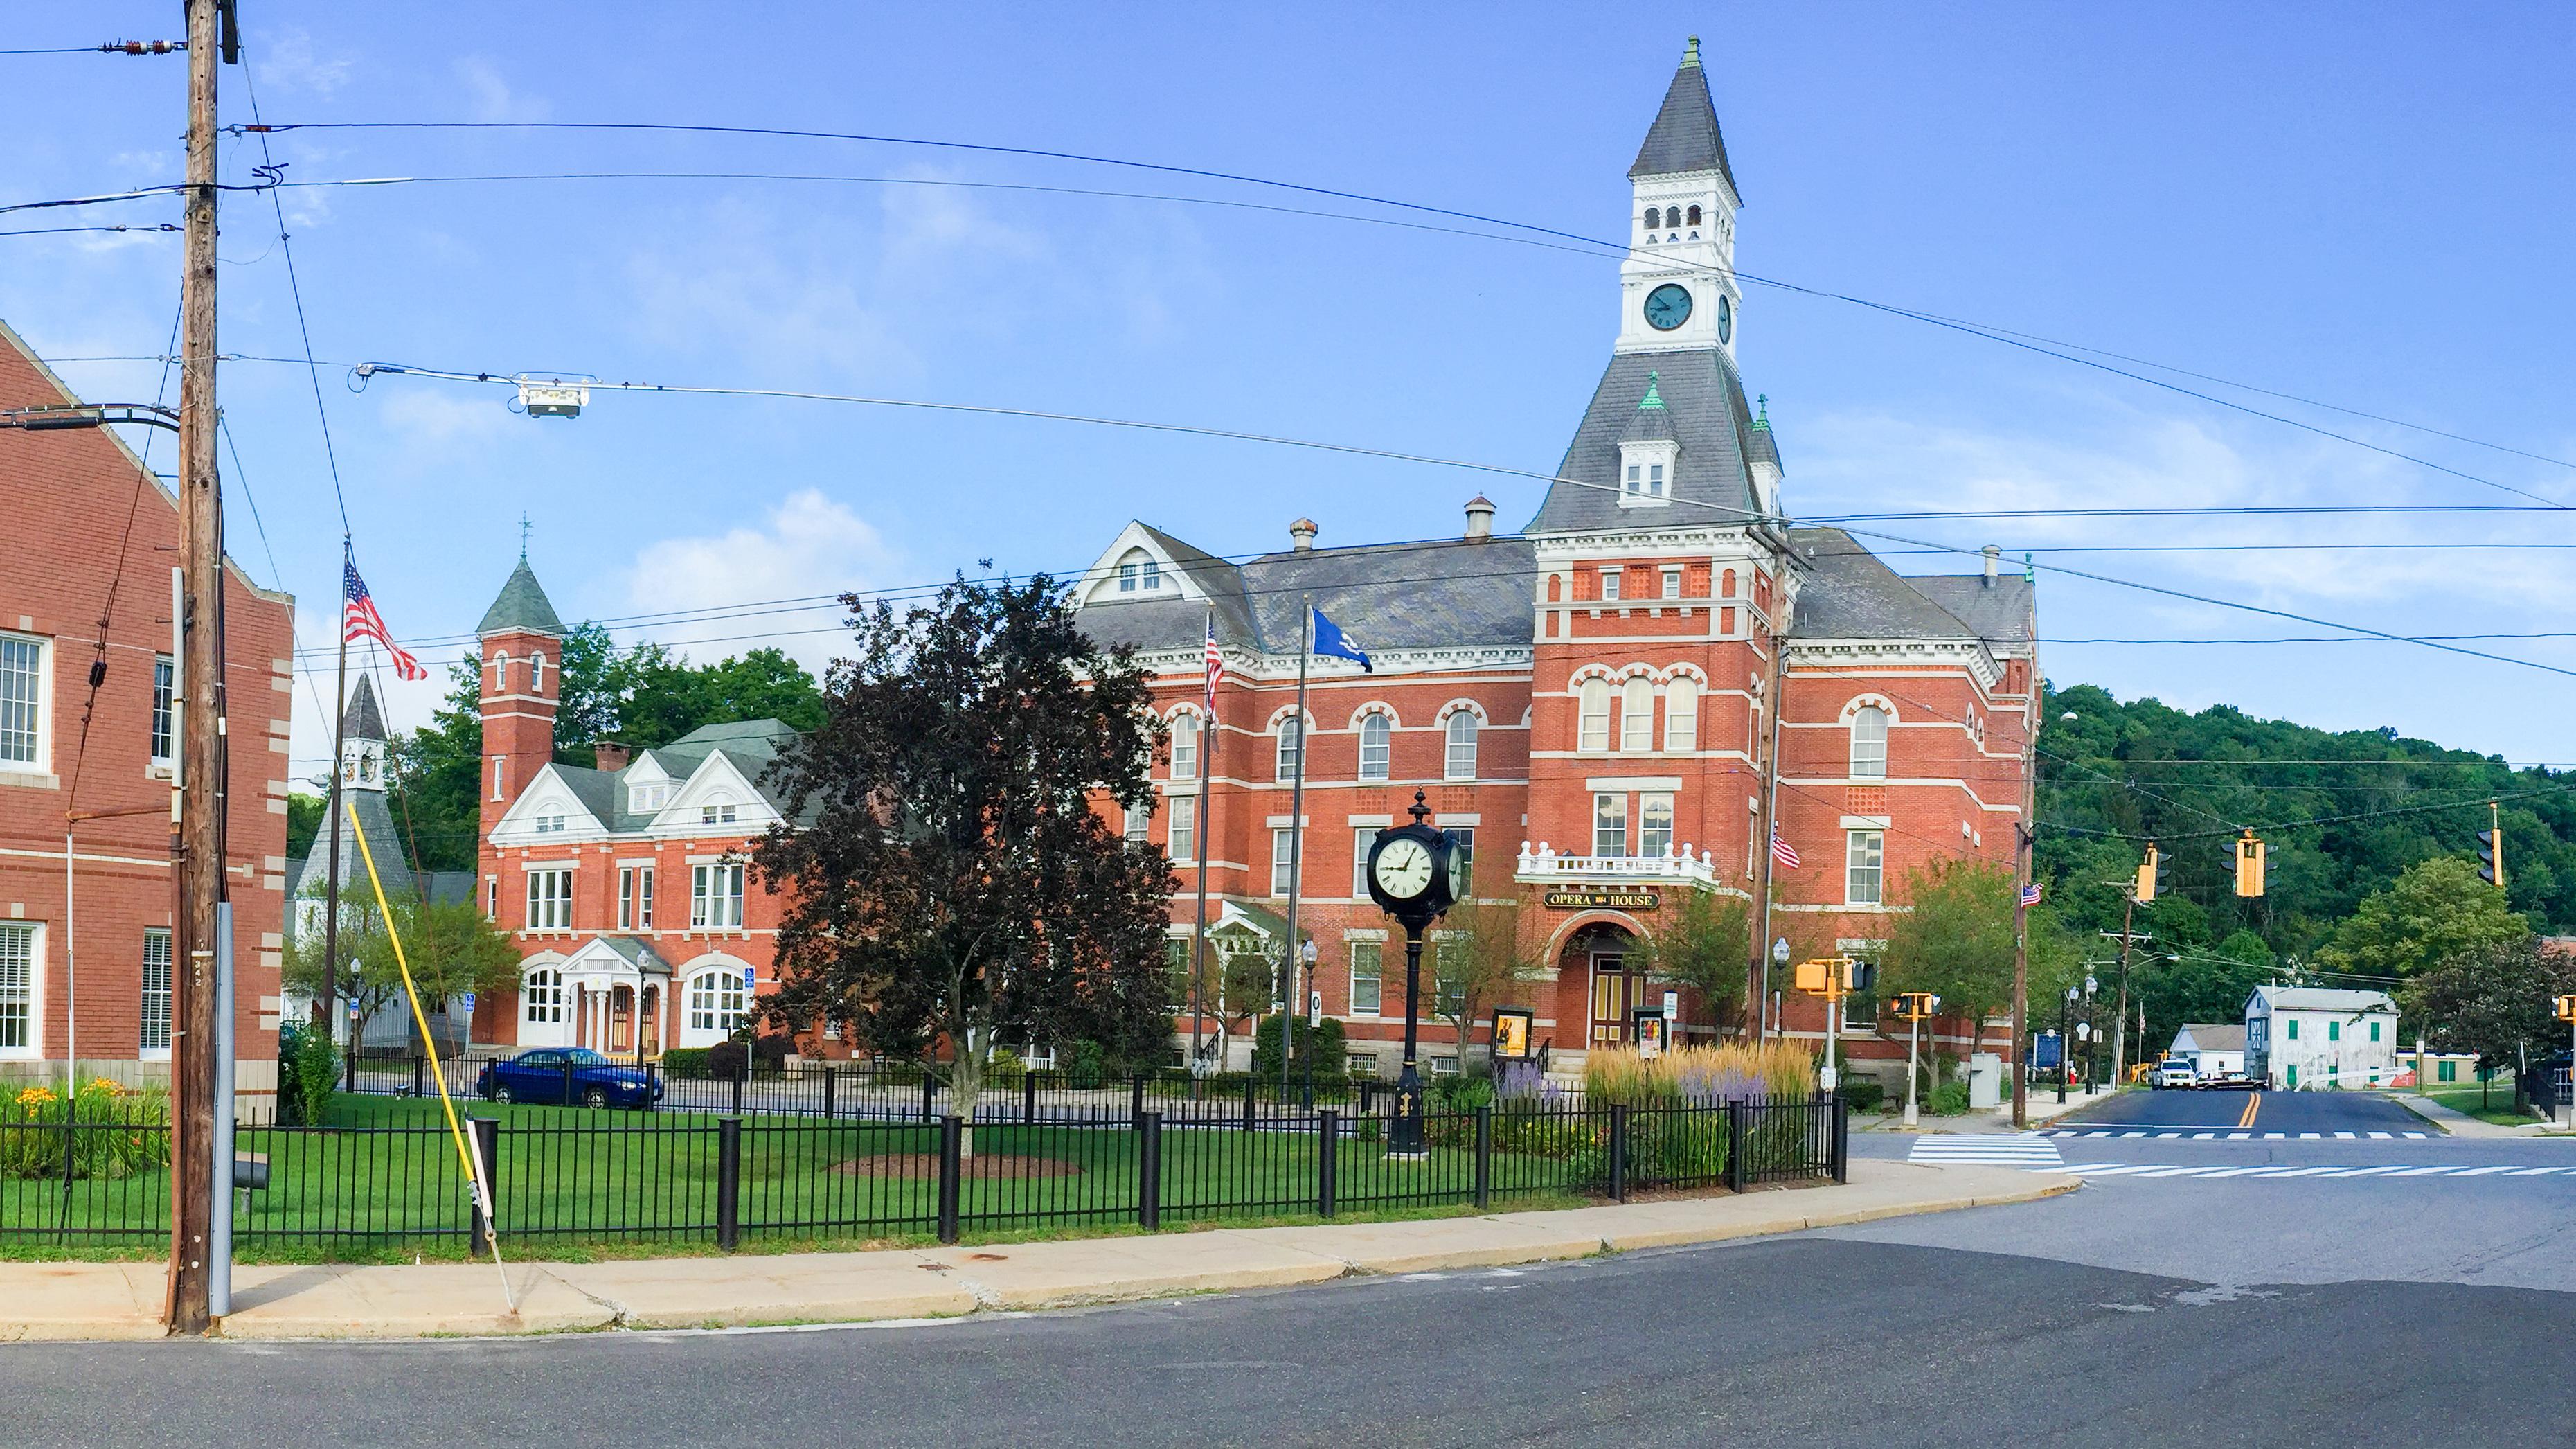 Main Street area in Thomaston, CT, with the Thomaston Opera House in center frame